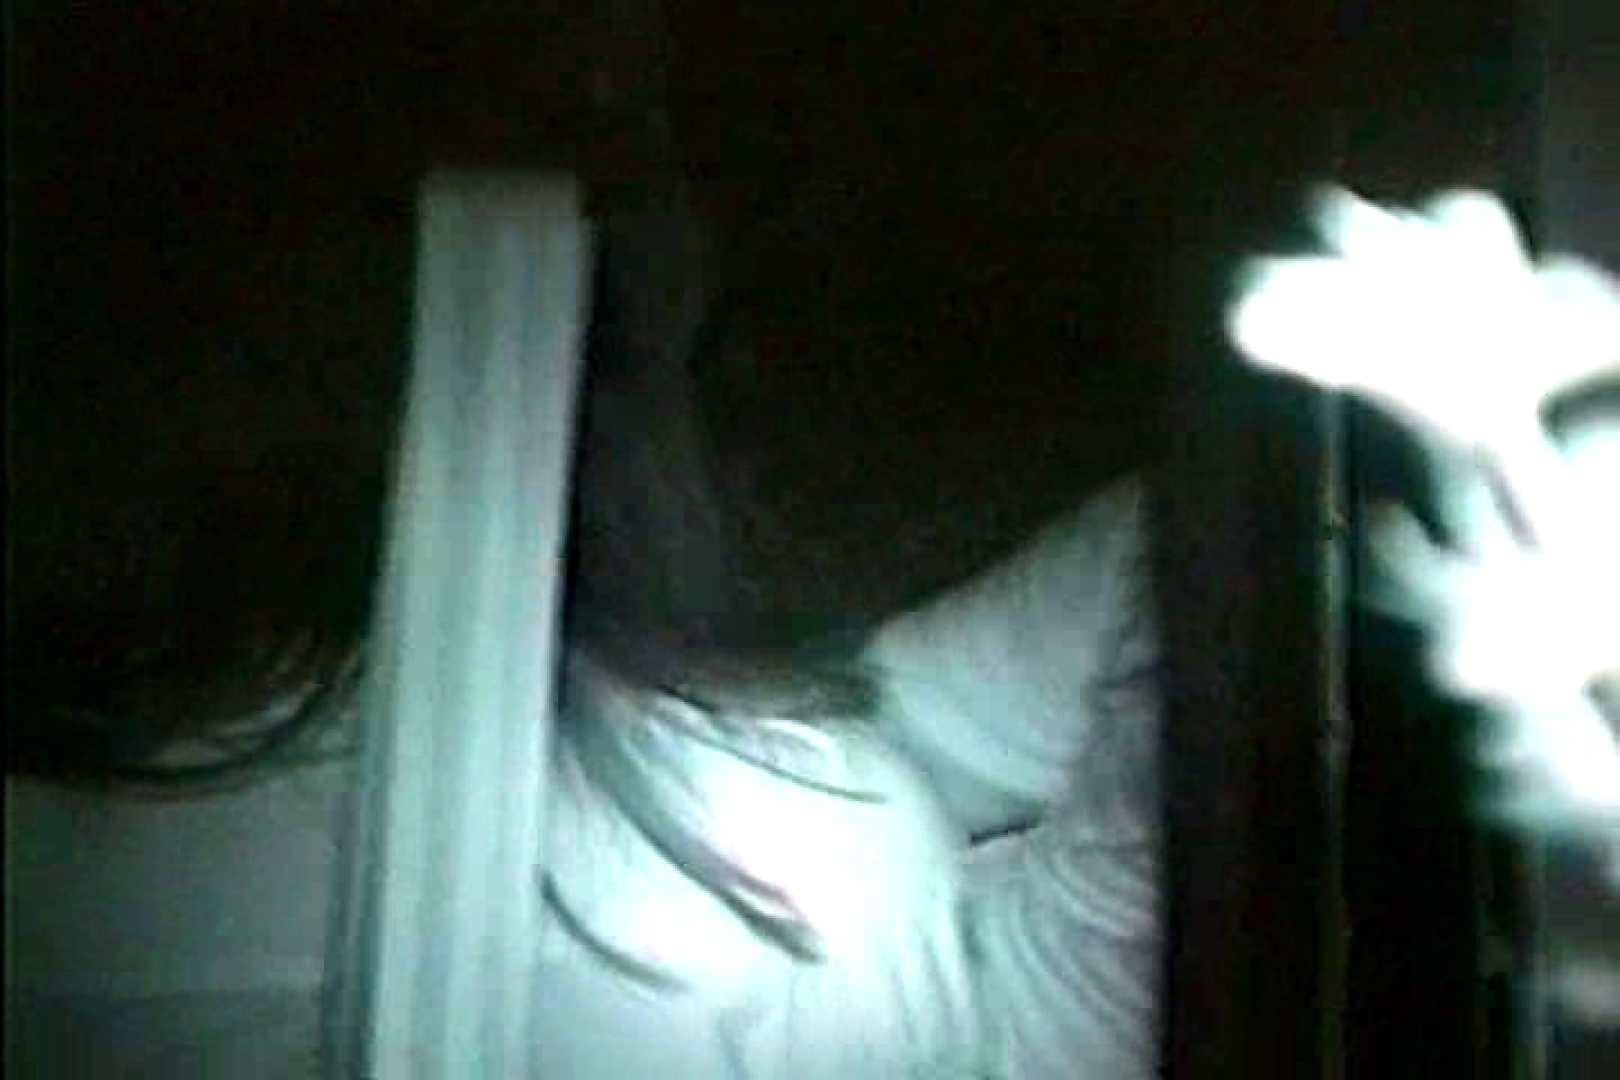 車の中はラブホテル 無修正版  Vol.6 車の中のカップル オマンコ動画キャプチャ 89画像 28